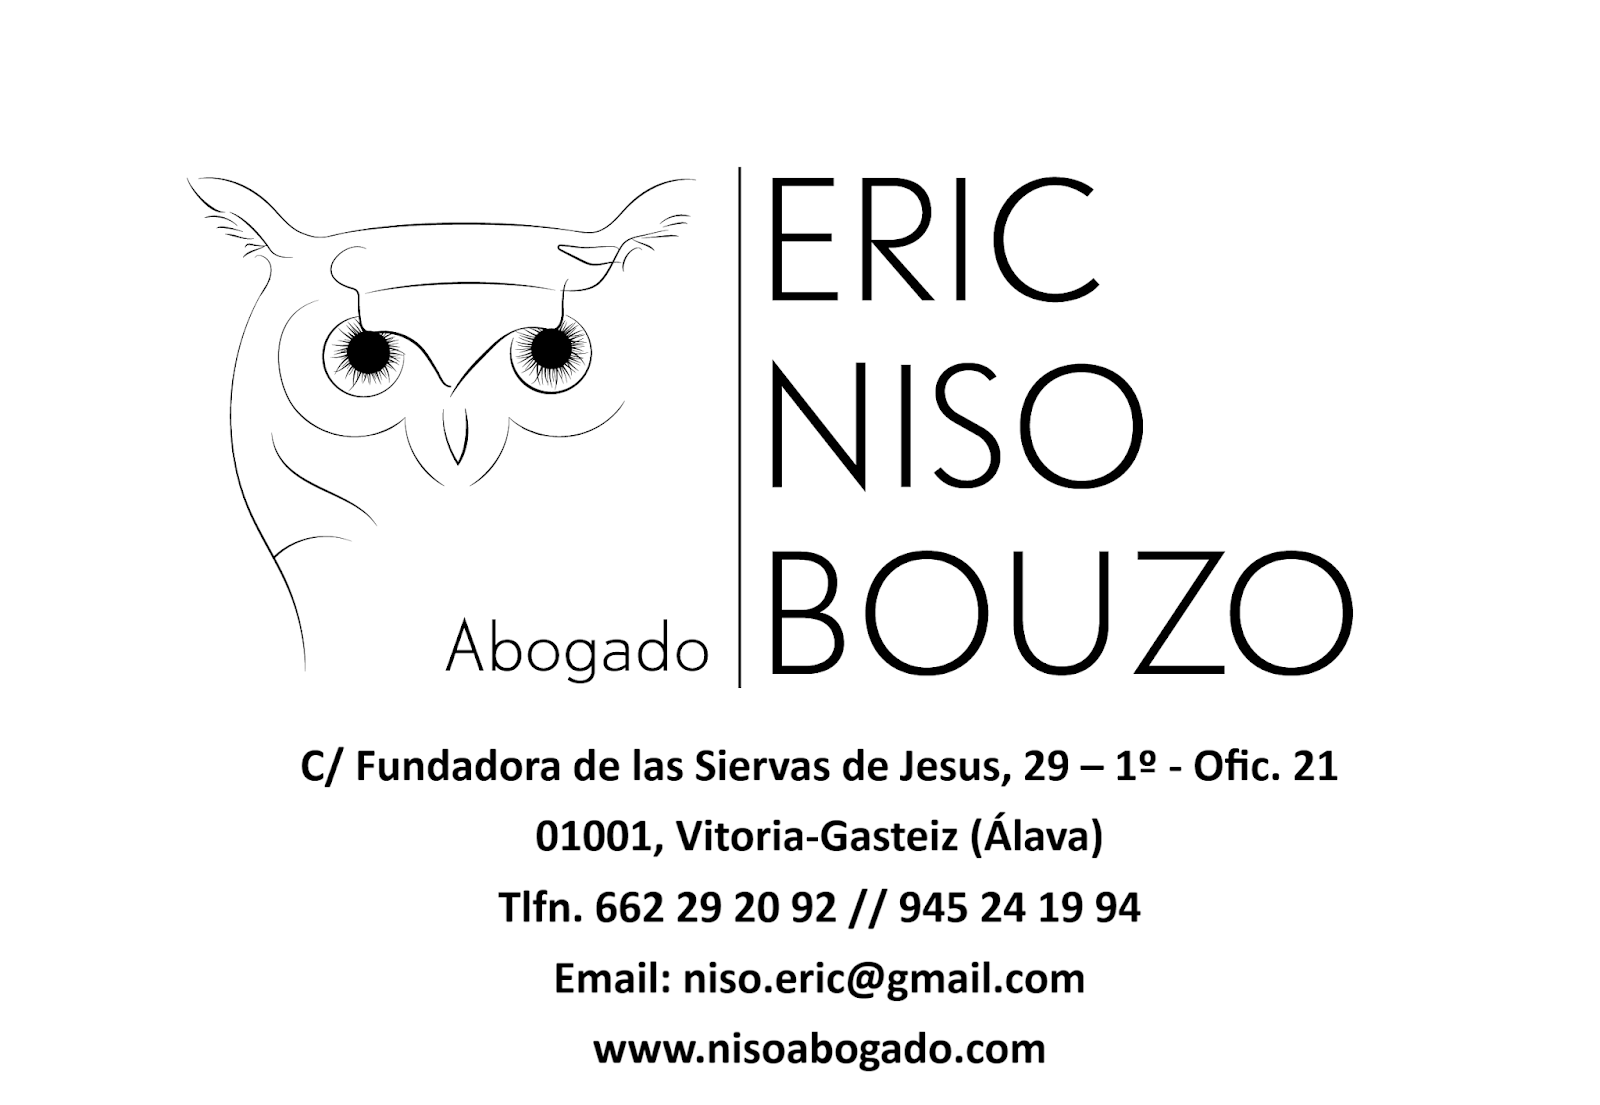 ⊛【Eric Niso Bouzo - Abogado en Vitoria-Gasteiz】⊛